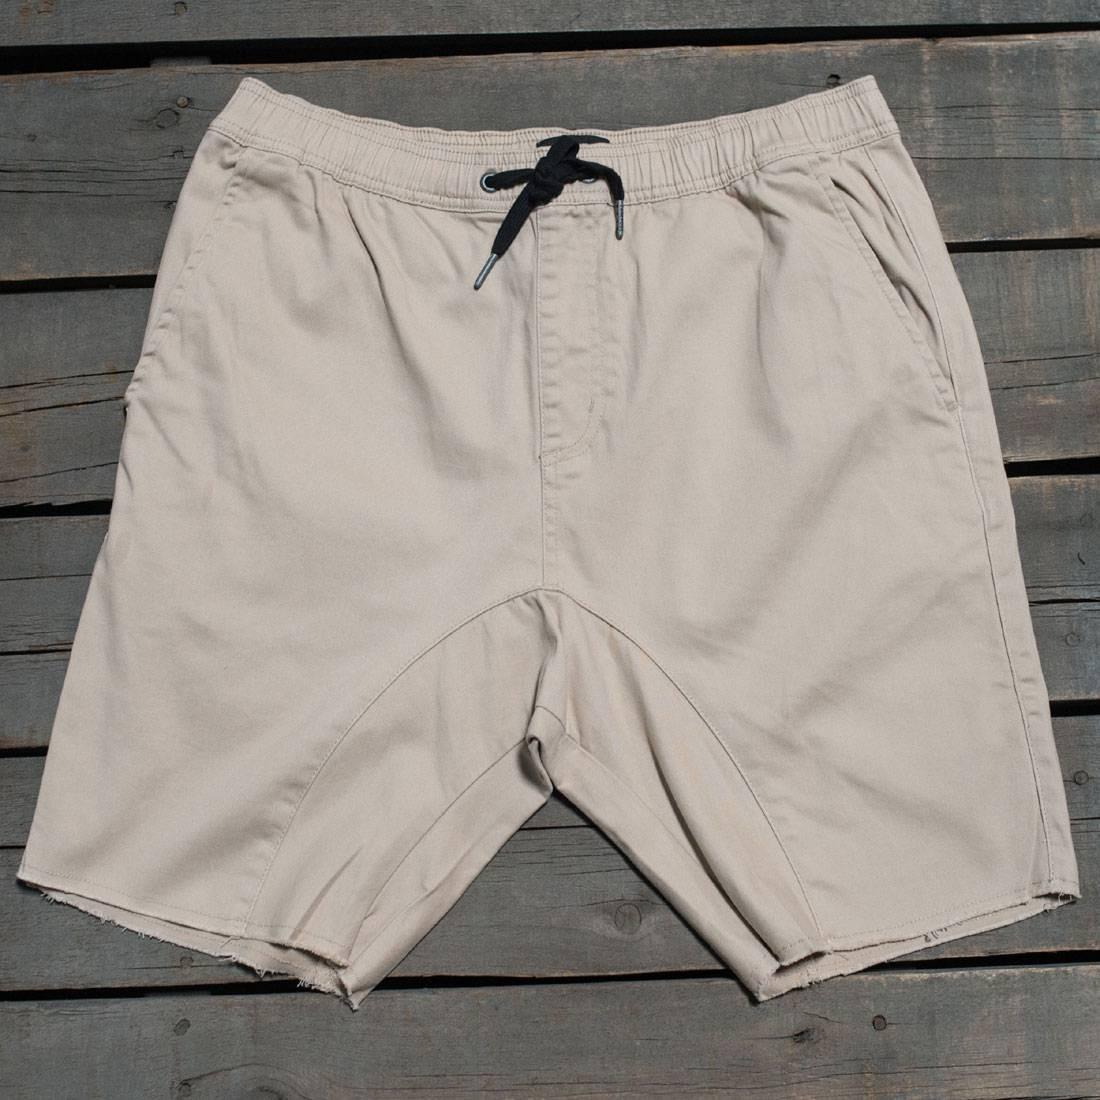 【海外限定】ショーツ ハーフパンツ パンツ メンズファッション 【 ZANEROBE MEN SURESHORT SHORTS TAN 】